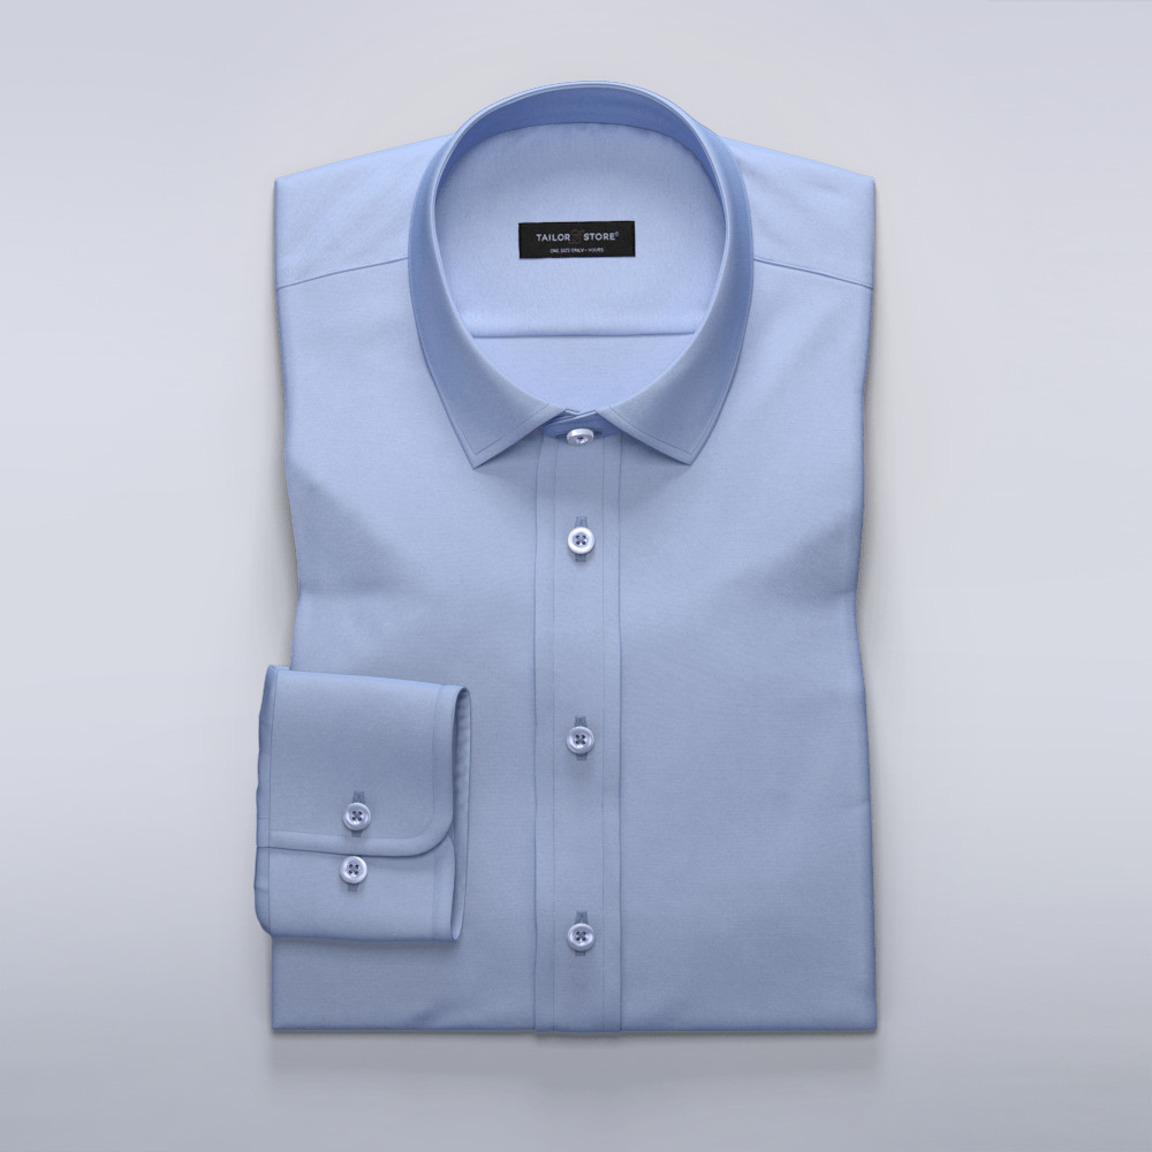 Light blue women's dress shirt